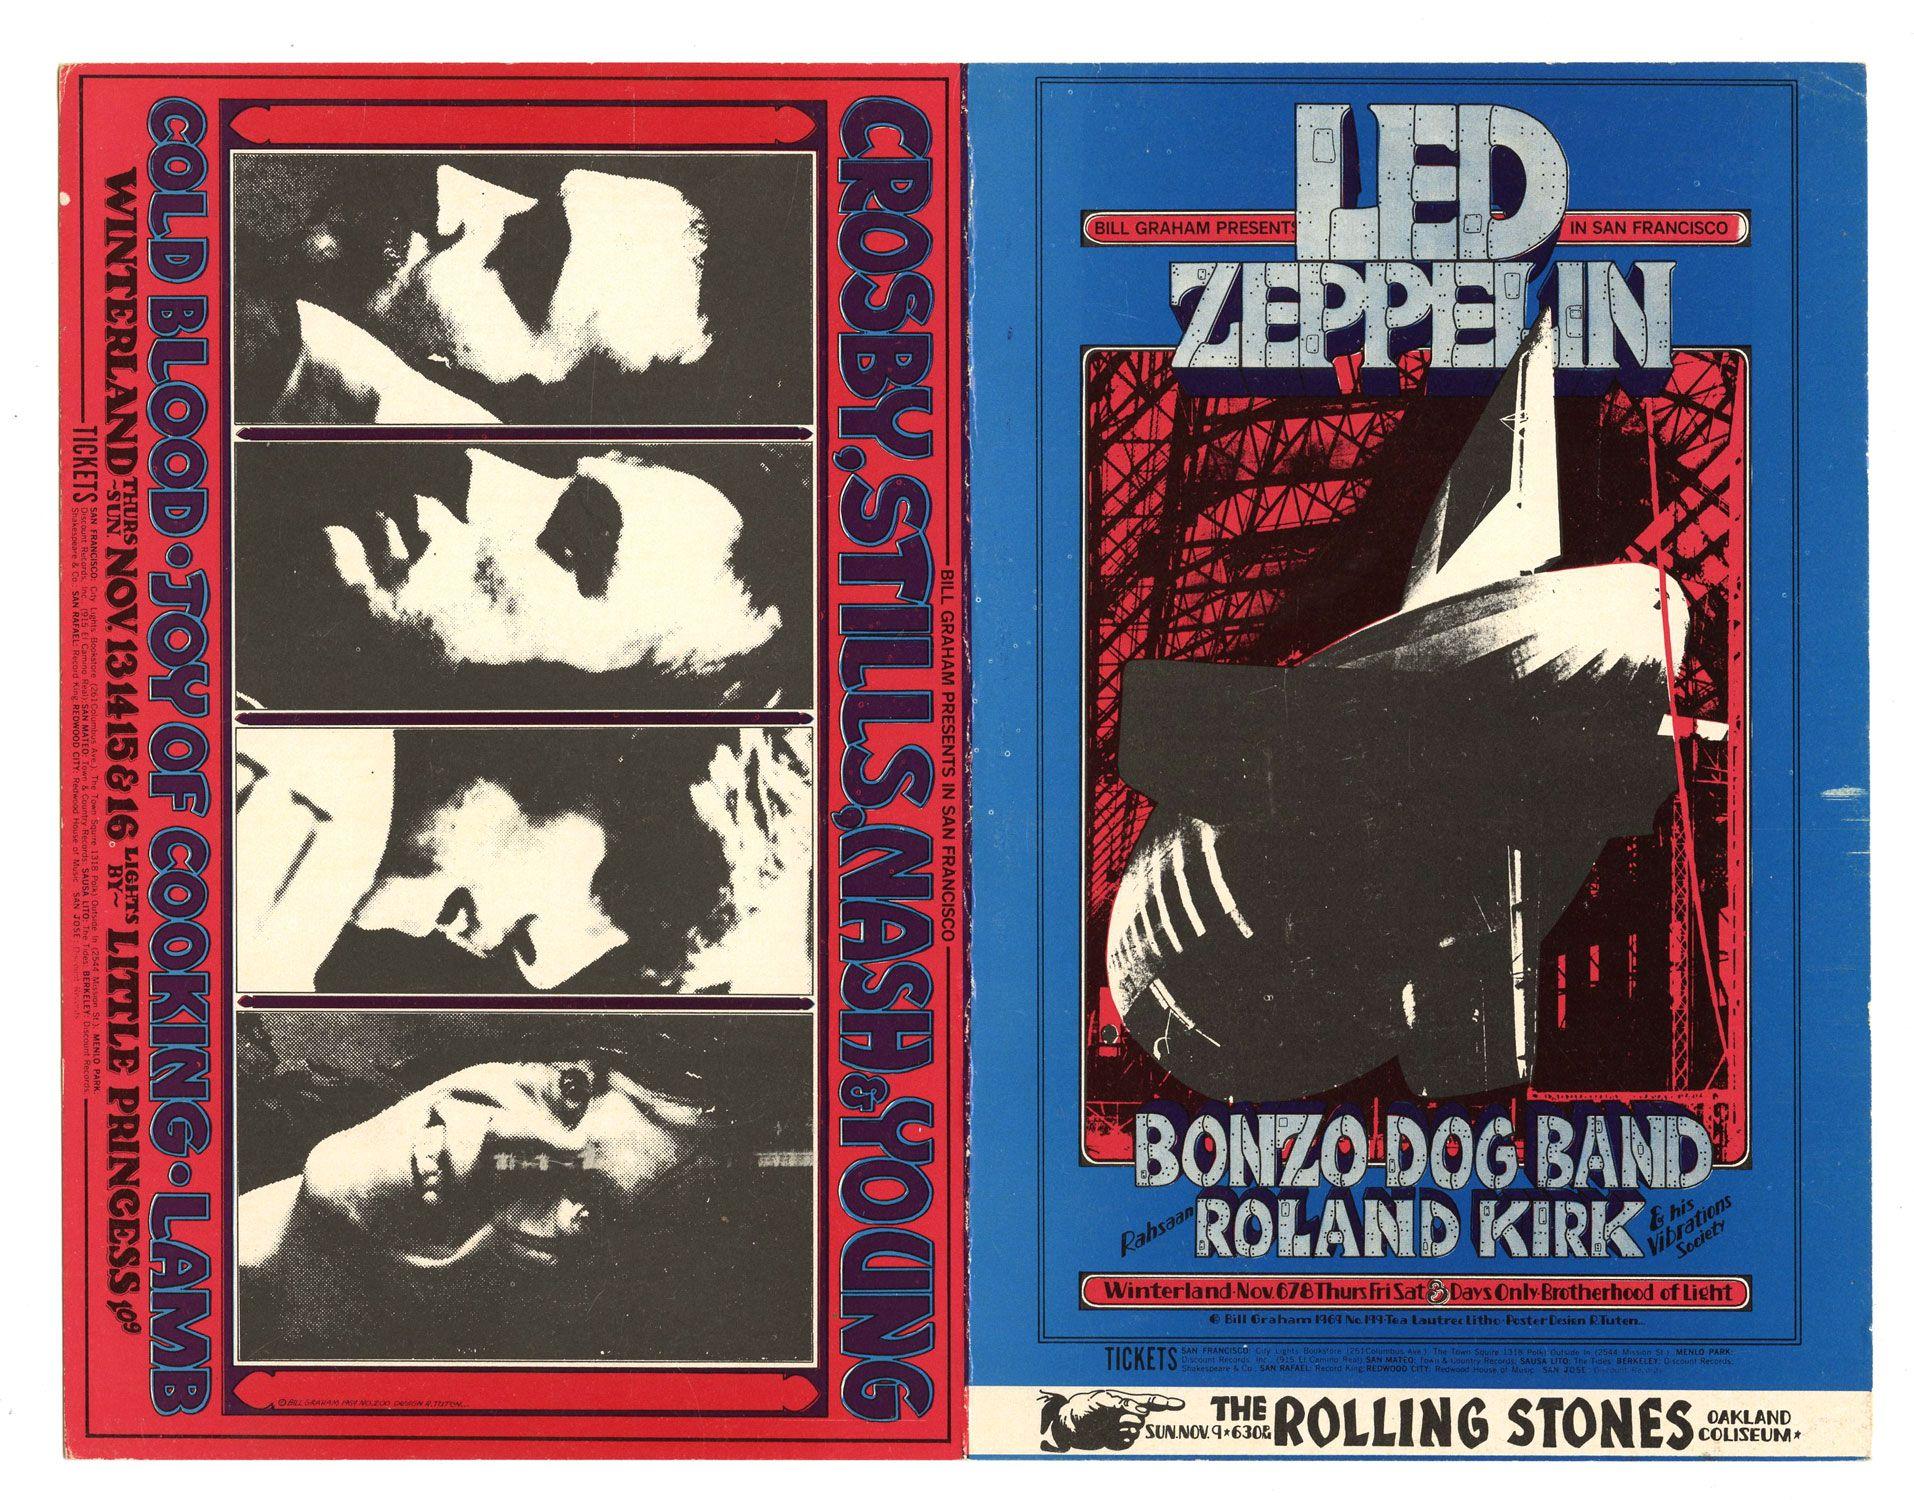 HandbiLL Led ZePPeLin RoLLing StoneS BG199 BiLL Graham FiLLmore HandbiLL